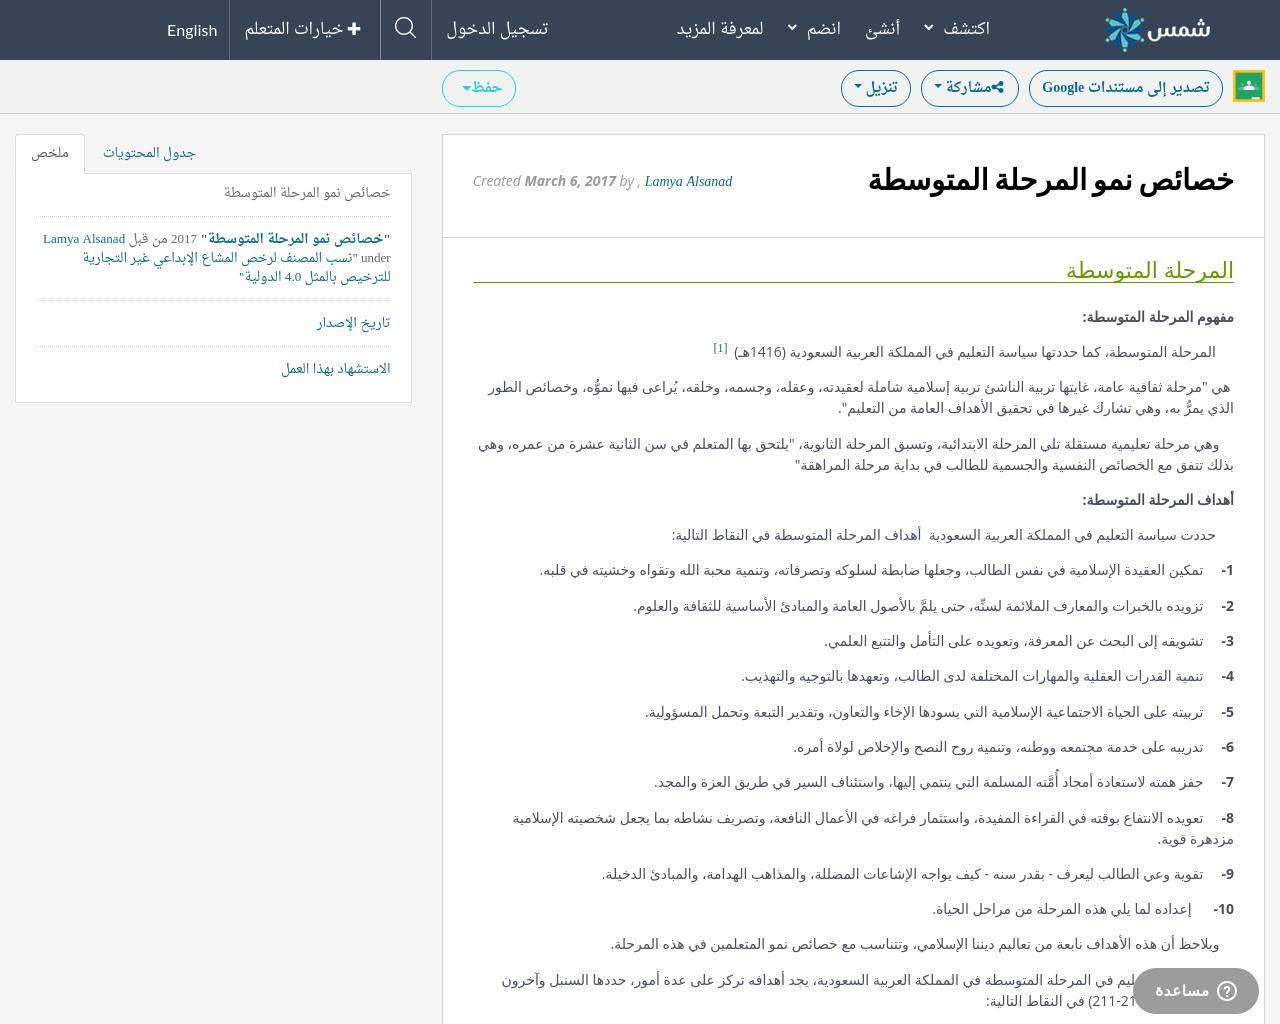 خصائص نمو المرحلة المتوسطة Shms Saudi Oer Network